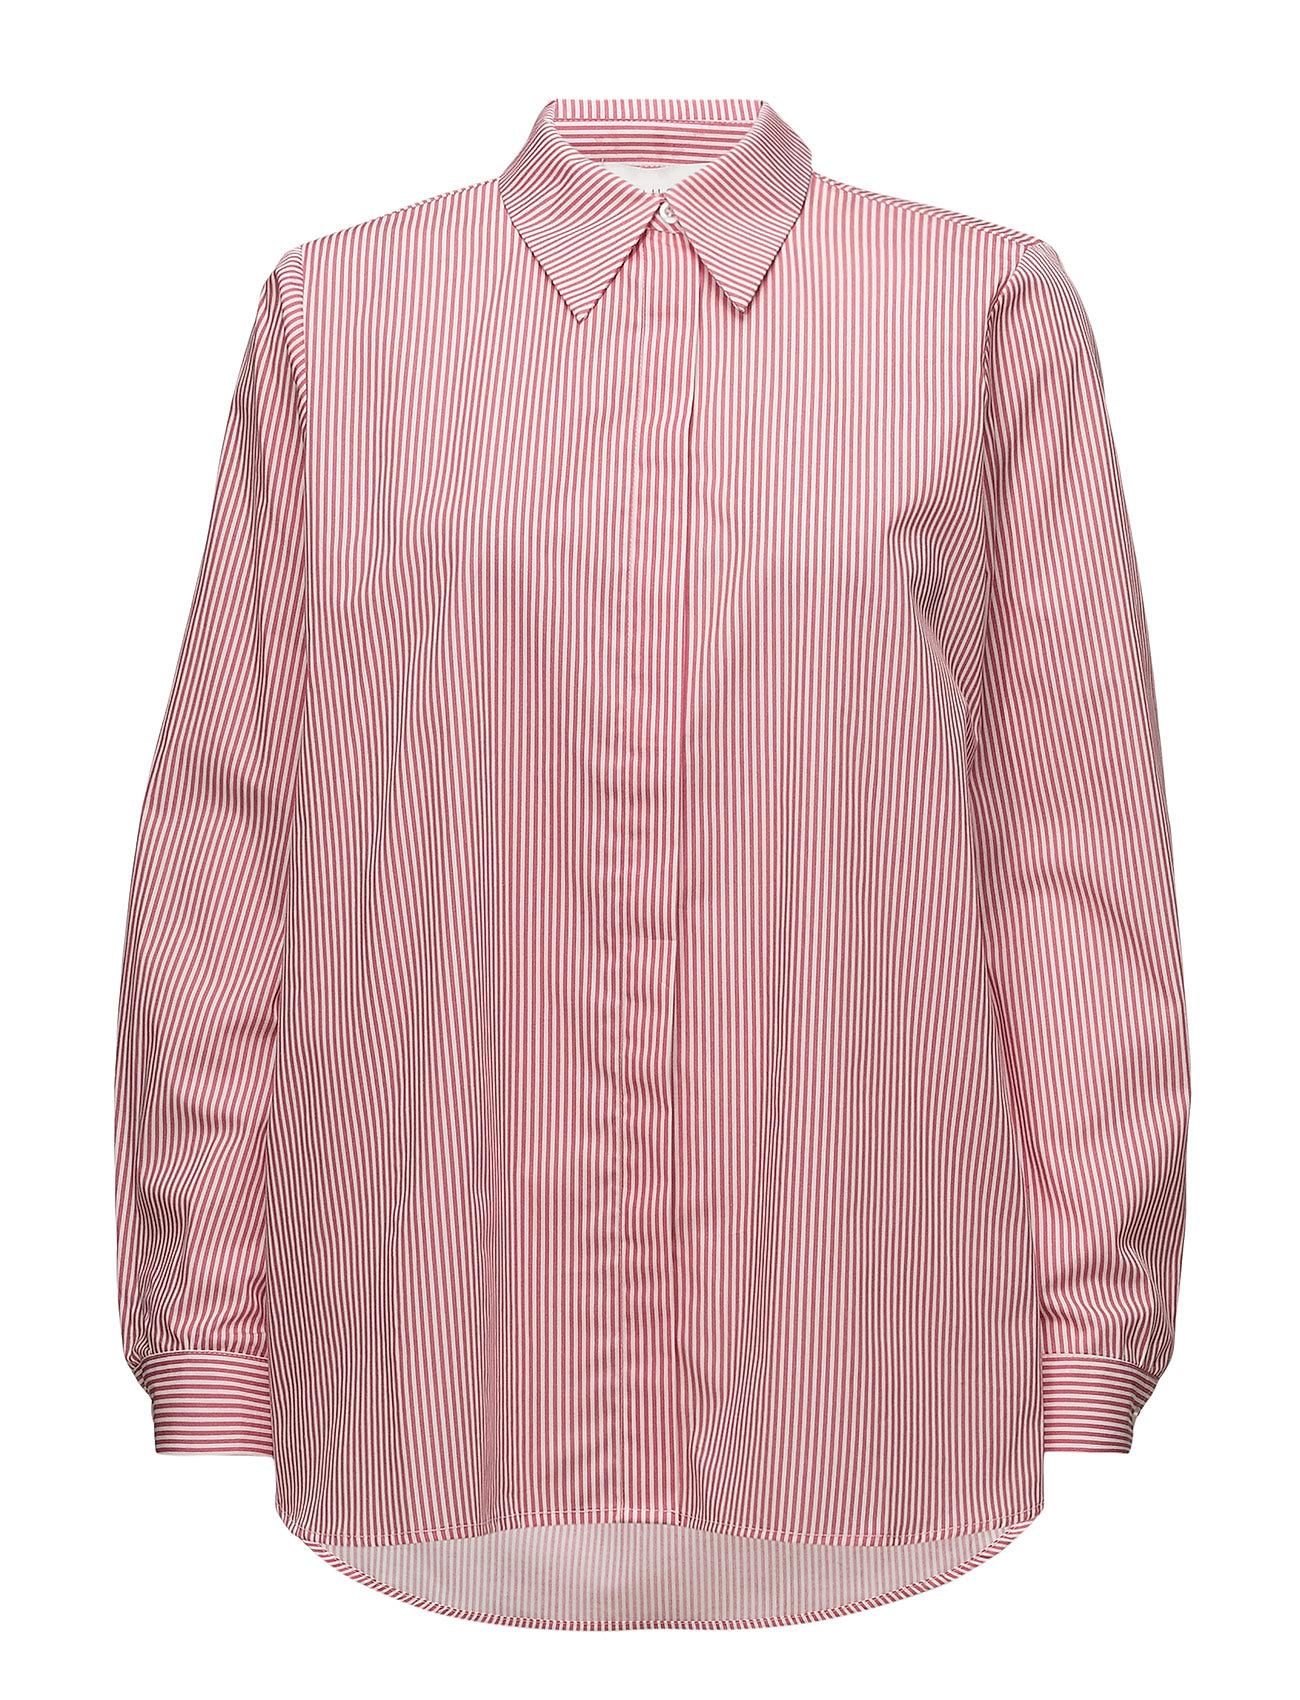 Image of Timeo Shirt Langærmet Skjorte Lyserød Just Female (3052621079)